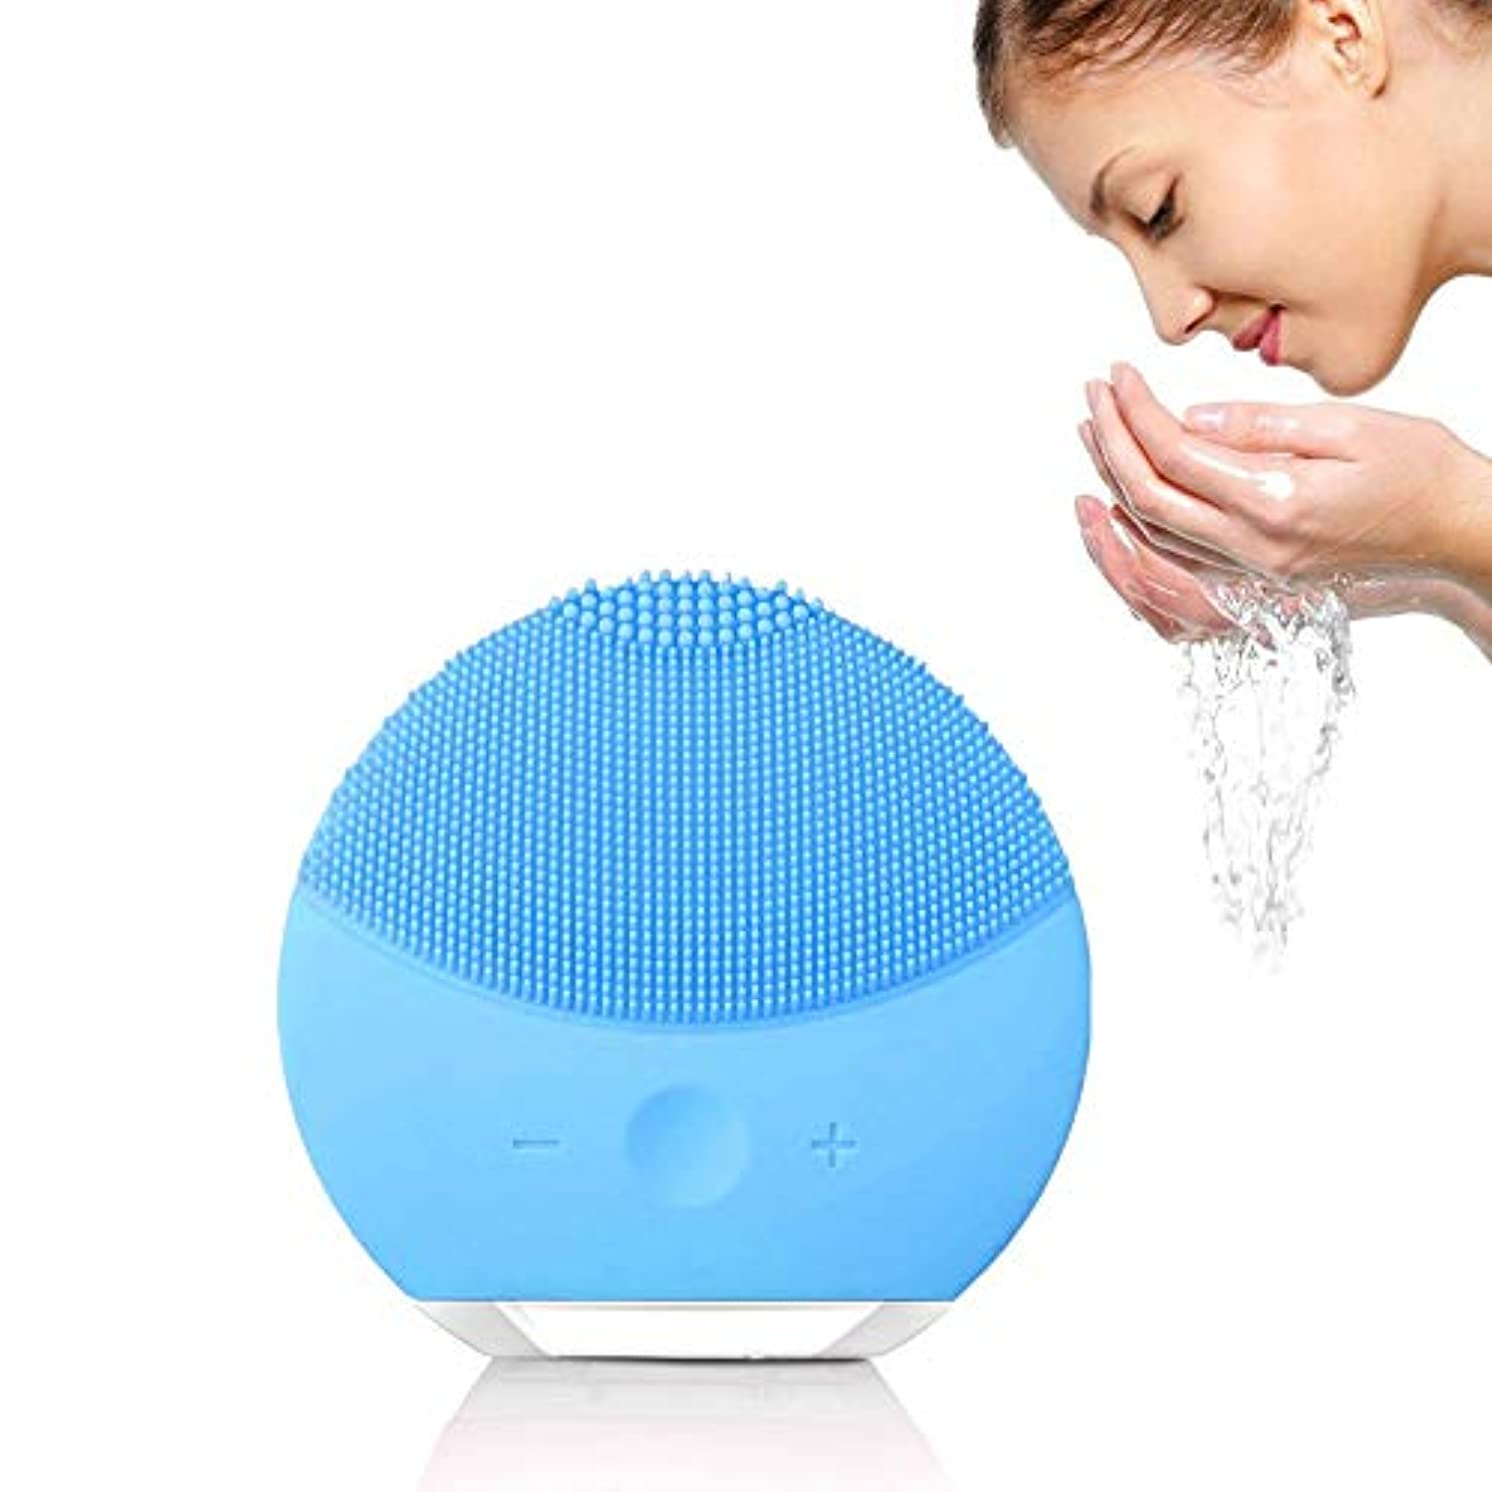 伝染性伸ばすメジャーすべての肌タイプ用のアンチエイジングスキンケアデバイス防水シリコンフェイシャルブラシエレクトリックフェイスVībratingマッサージ器